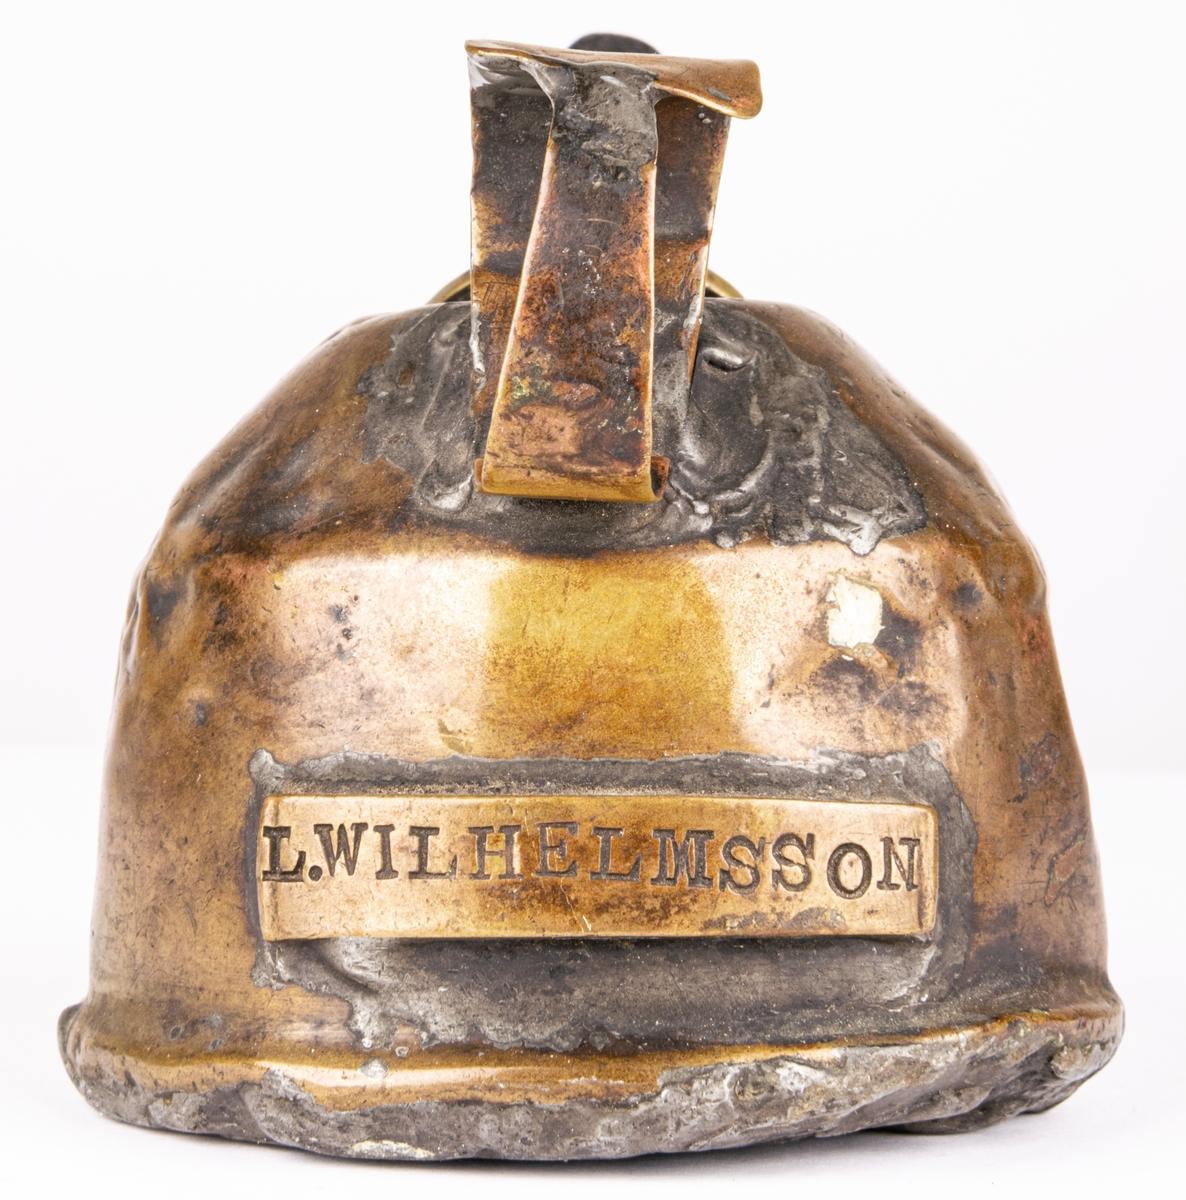 Kat. kort: Rovoljelampa, av mässing. Användes för att lysa sig med vid smörjning av lok. Ägare L. Wilhelmsson enl. påsvetsad namnskylt. Lampan lagad med tenn i botten. Pip på 4 cm sticker ut från kannan. Pipen, som nertill slutar i en cirkelrund platta, är avskruvbar genom gängor i och för påfyllning av rovolja. Handtaget på lampan är, där det är som bredast, märkt. Lampans höjd, utom pip och handtag, 6,5 cm, omkretsen vid botten 27,2 cm. Har tillhört GDJ.